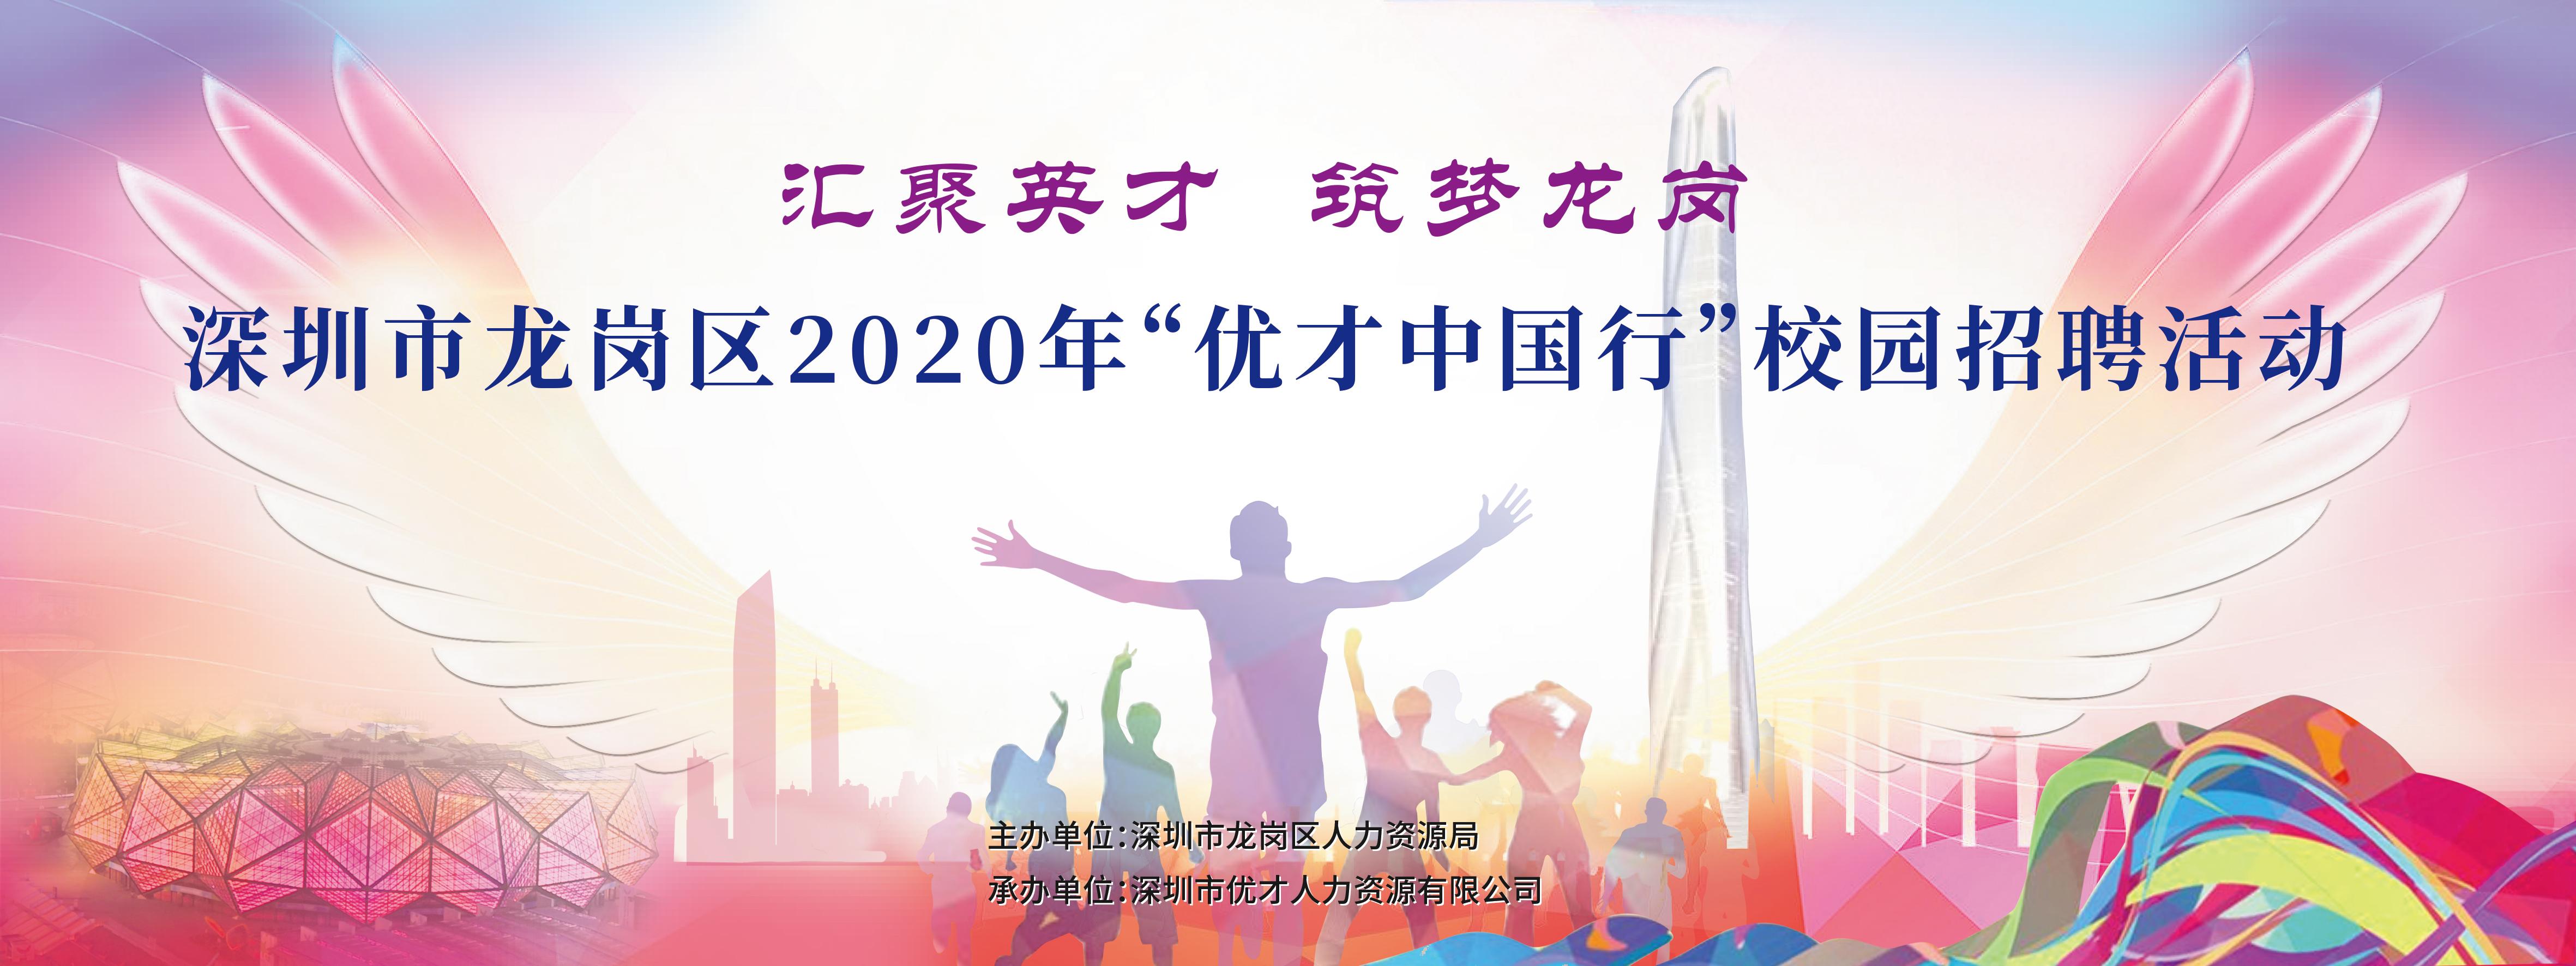 """跟我们走吧,下个月出发。2020年""""优才中国行""""校园招聘活动开始报名啦!"""